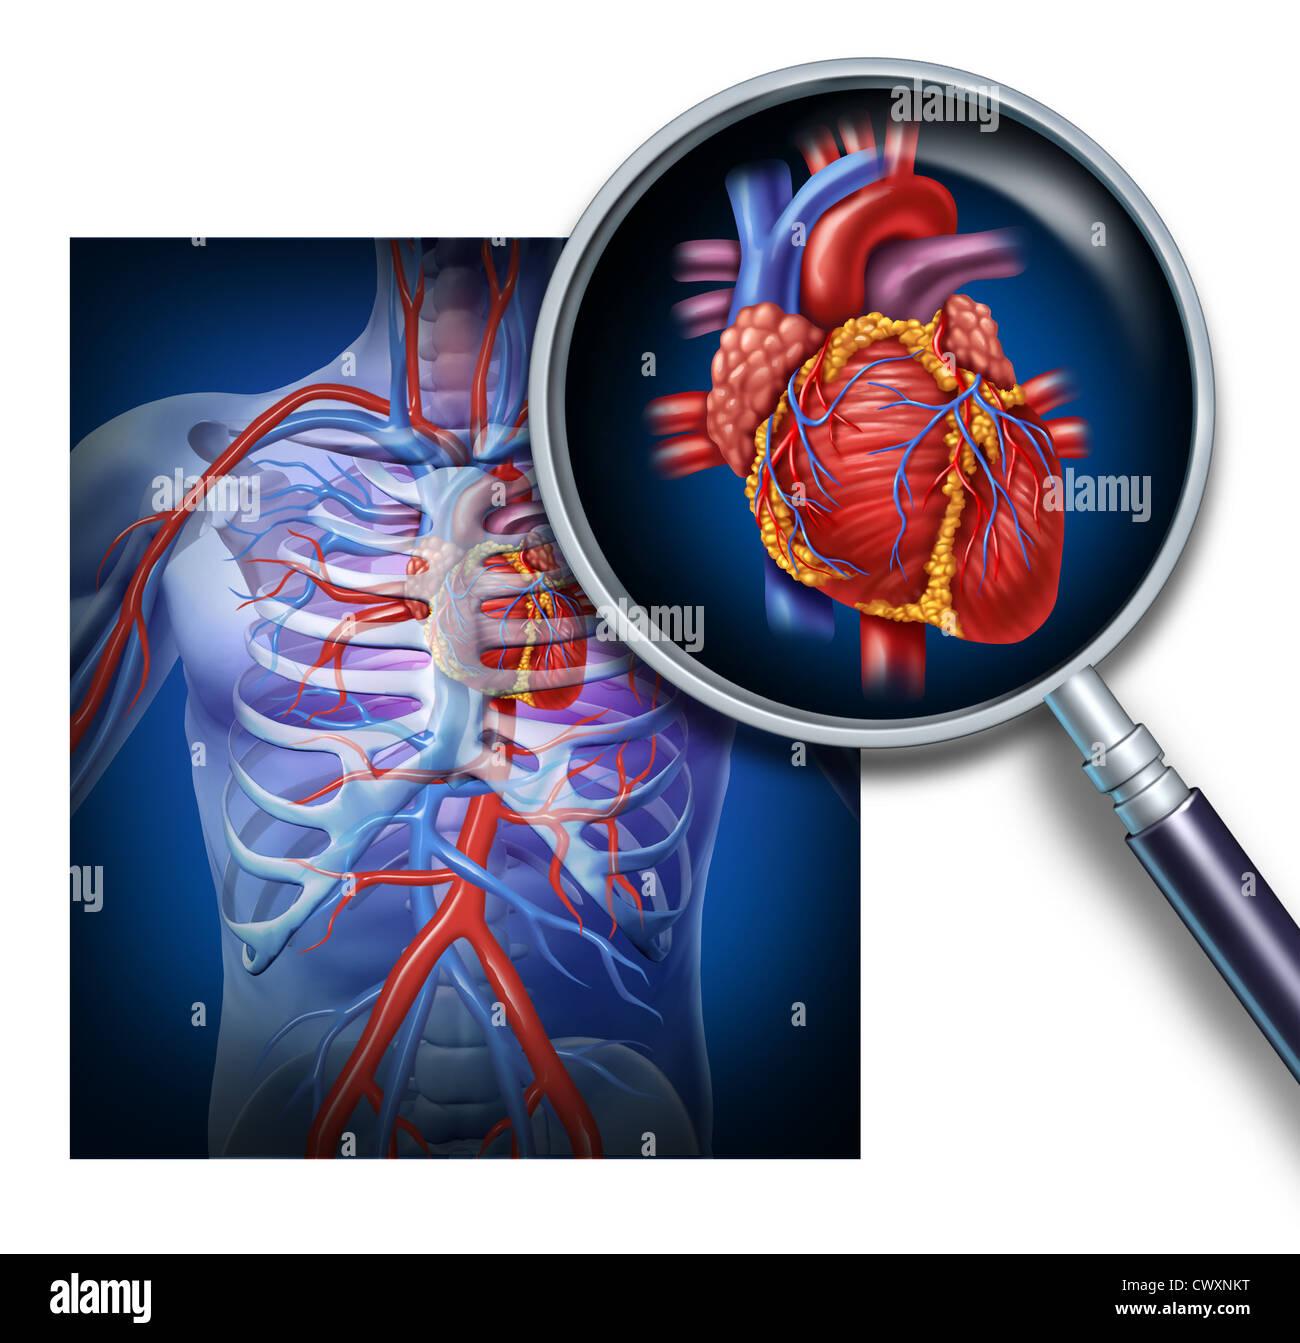 Asombroso Diagrama De Sistema De órganos Humanos Regalo - Imágenes ...